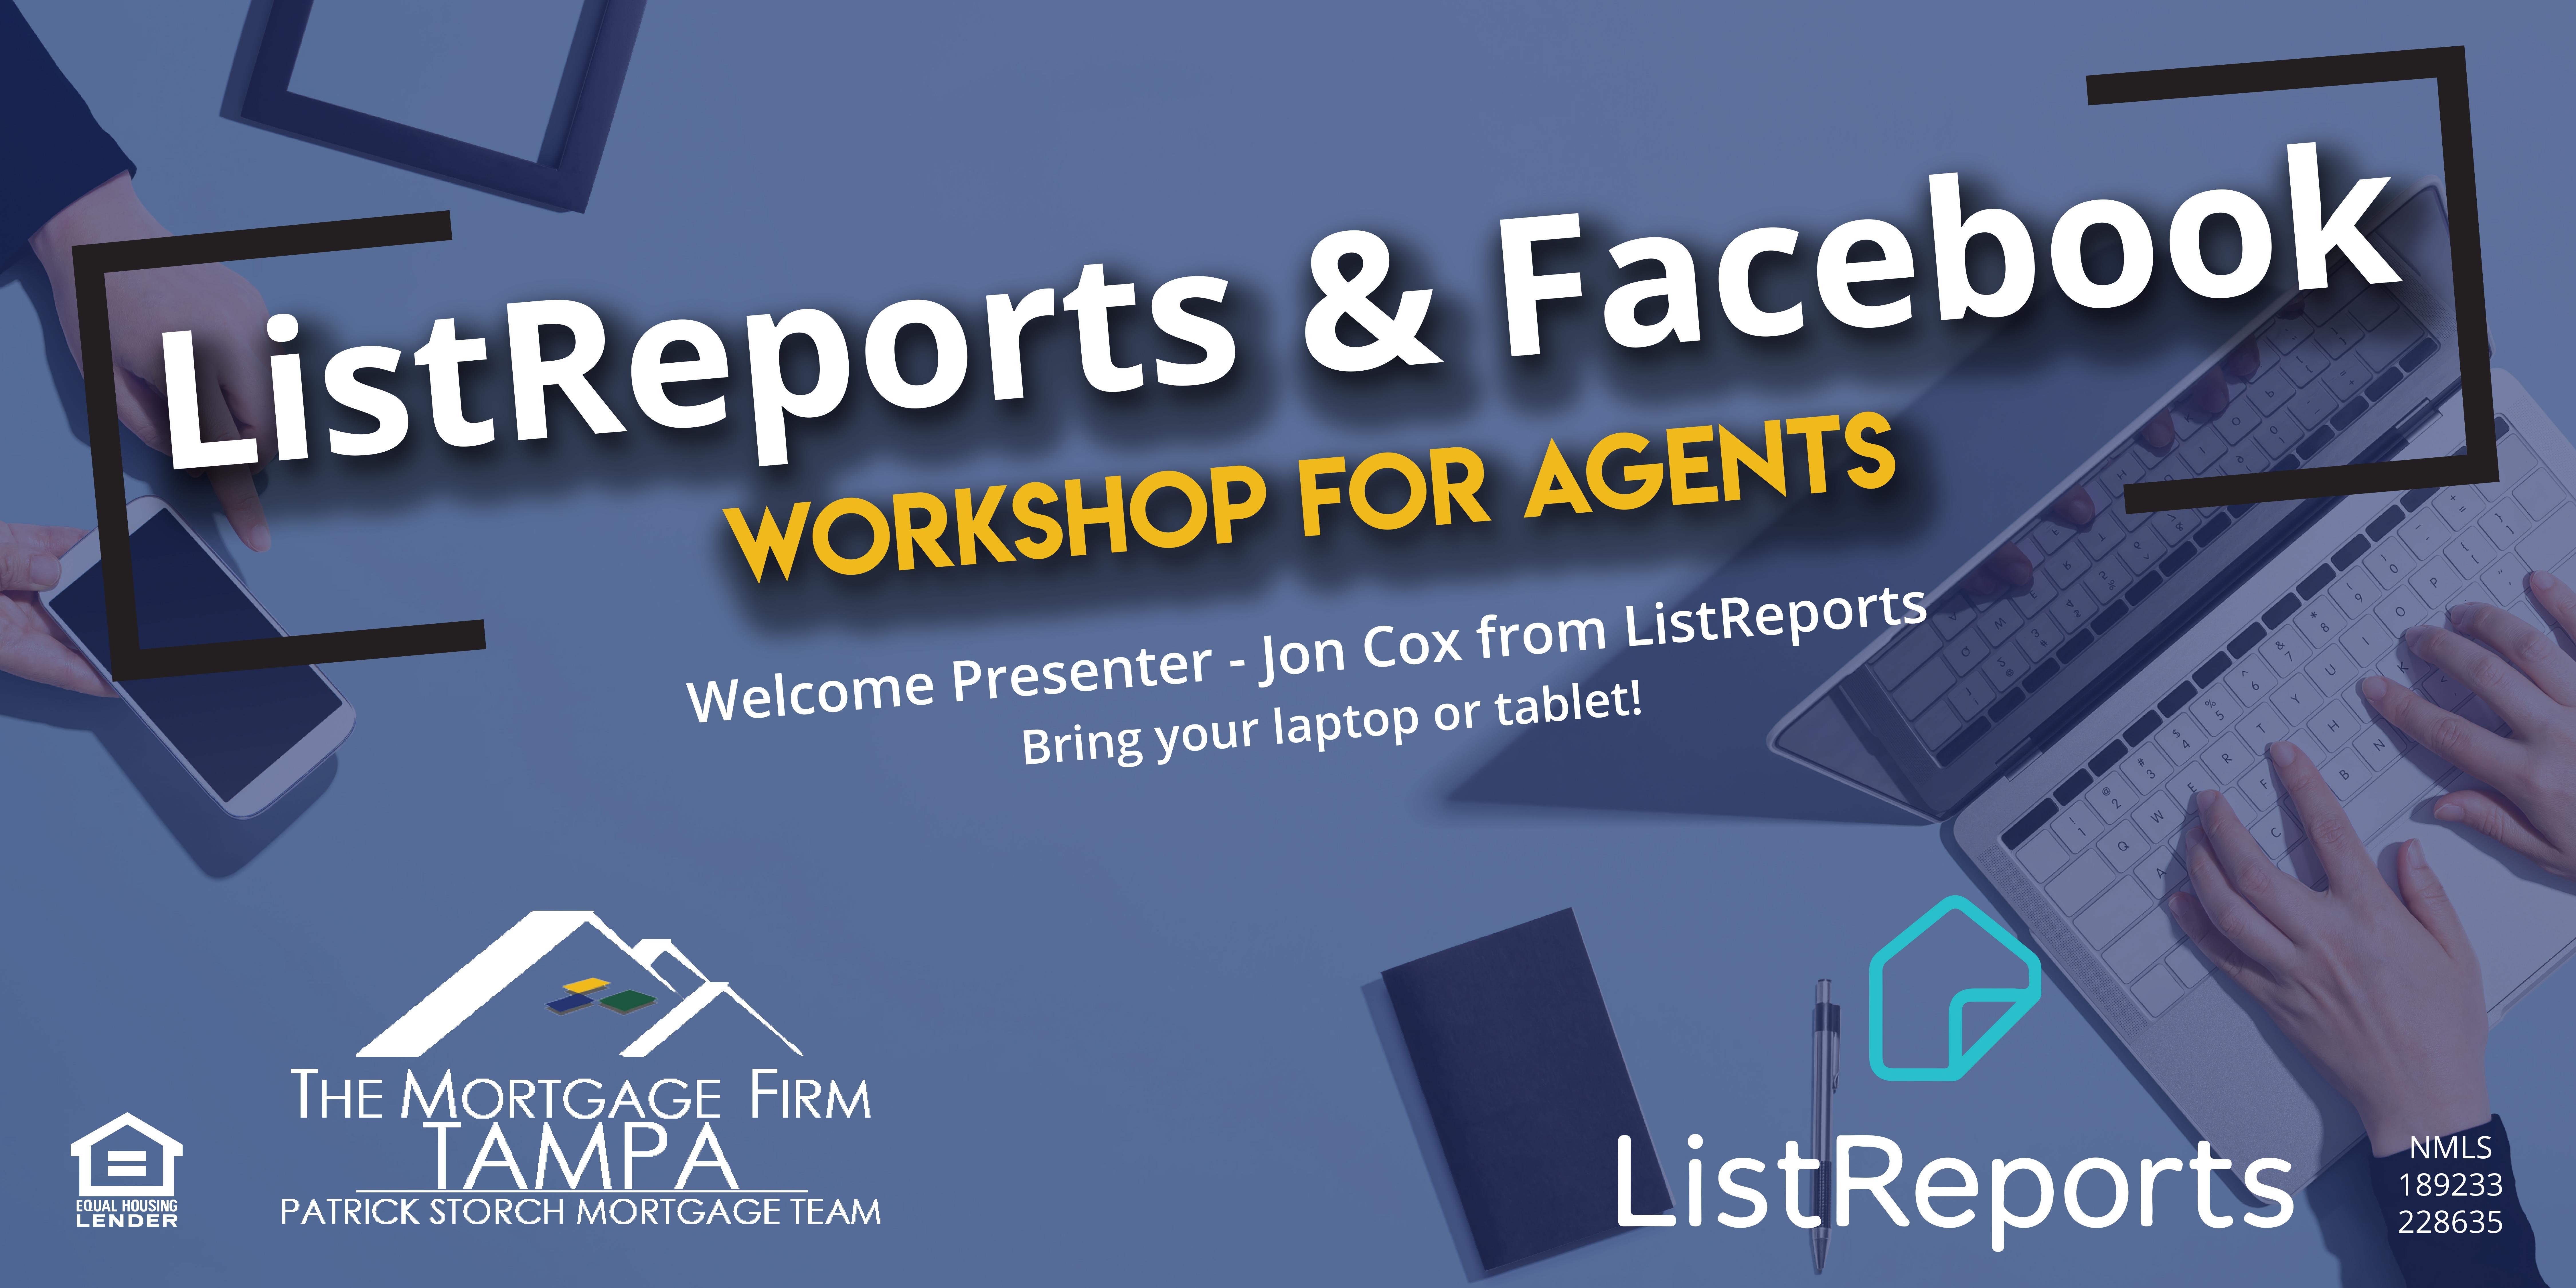 ListReports & Facebook Workshop for Agents